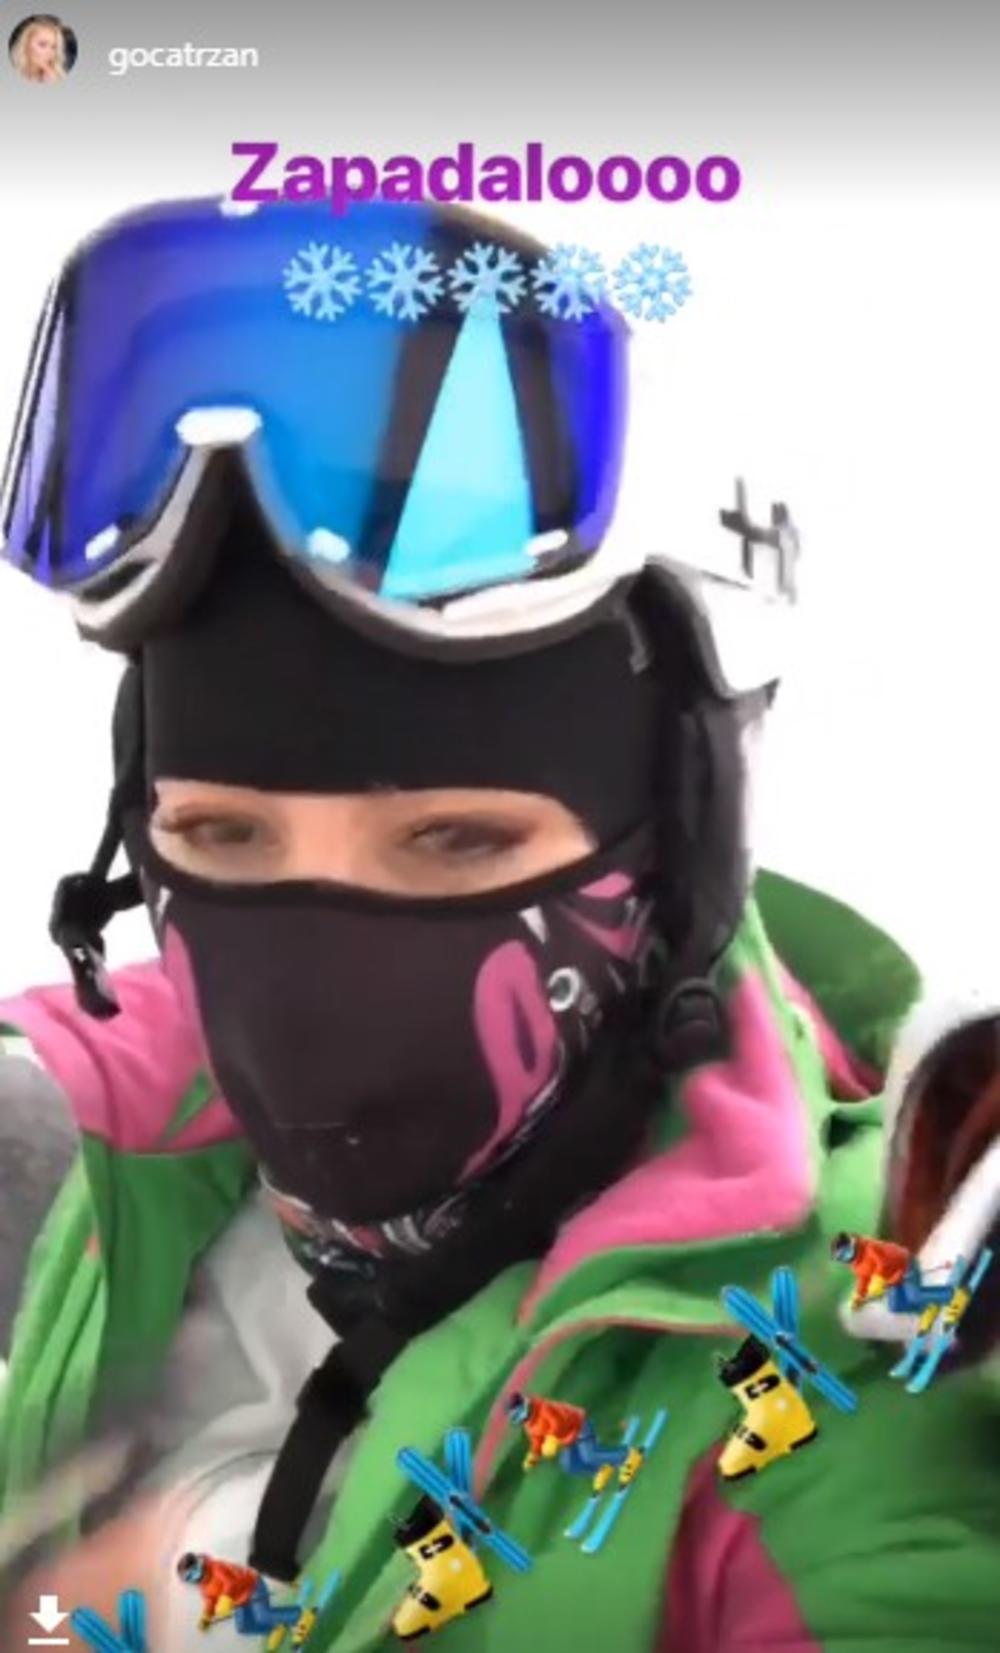 (VIDEO) Goca Tržan otišla na skijanje, a ono što je URADILA OSTAVIĆE VAS U NEVERICI!